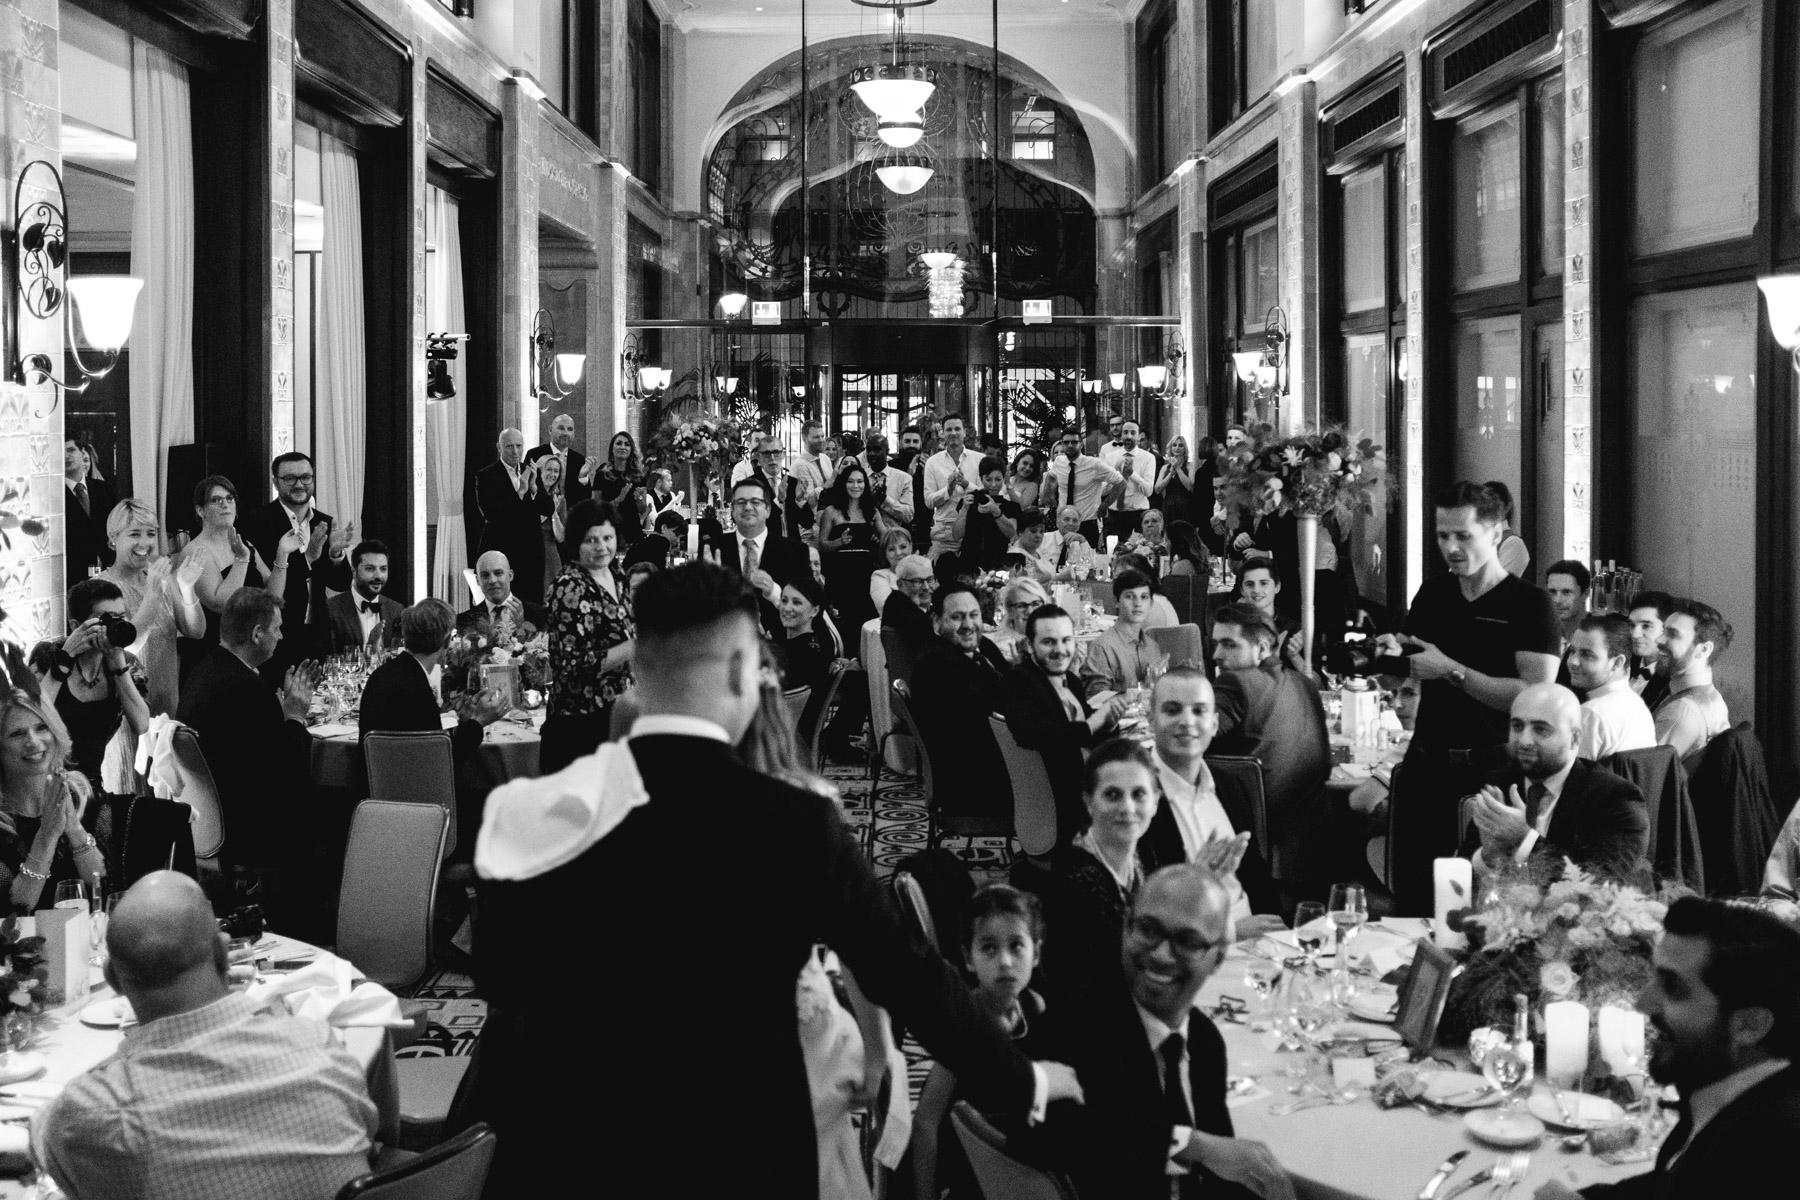 MartinLiebl_Kein_Hochzeitsfotograf_No_Wedding_Photographer_Budapest_Gresham_Palace_062.jpg